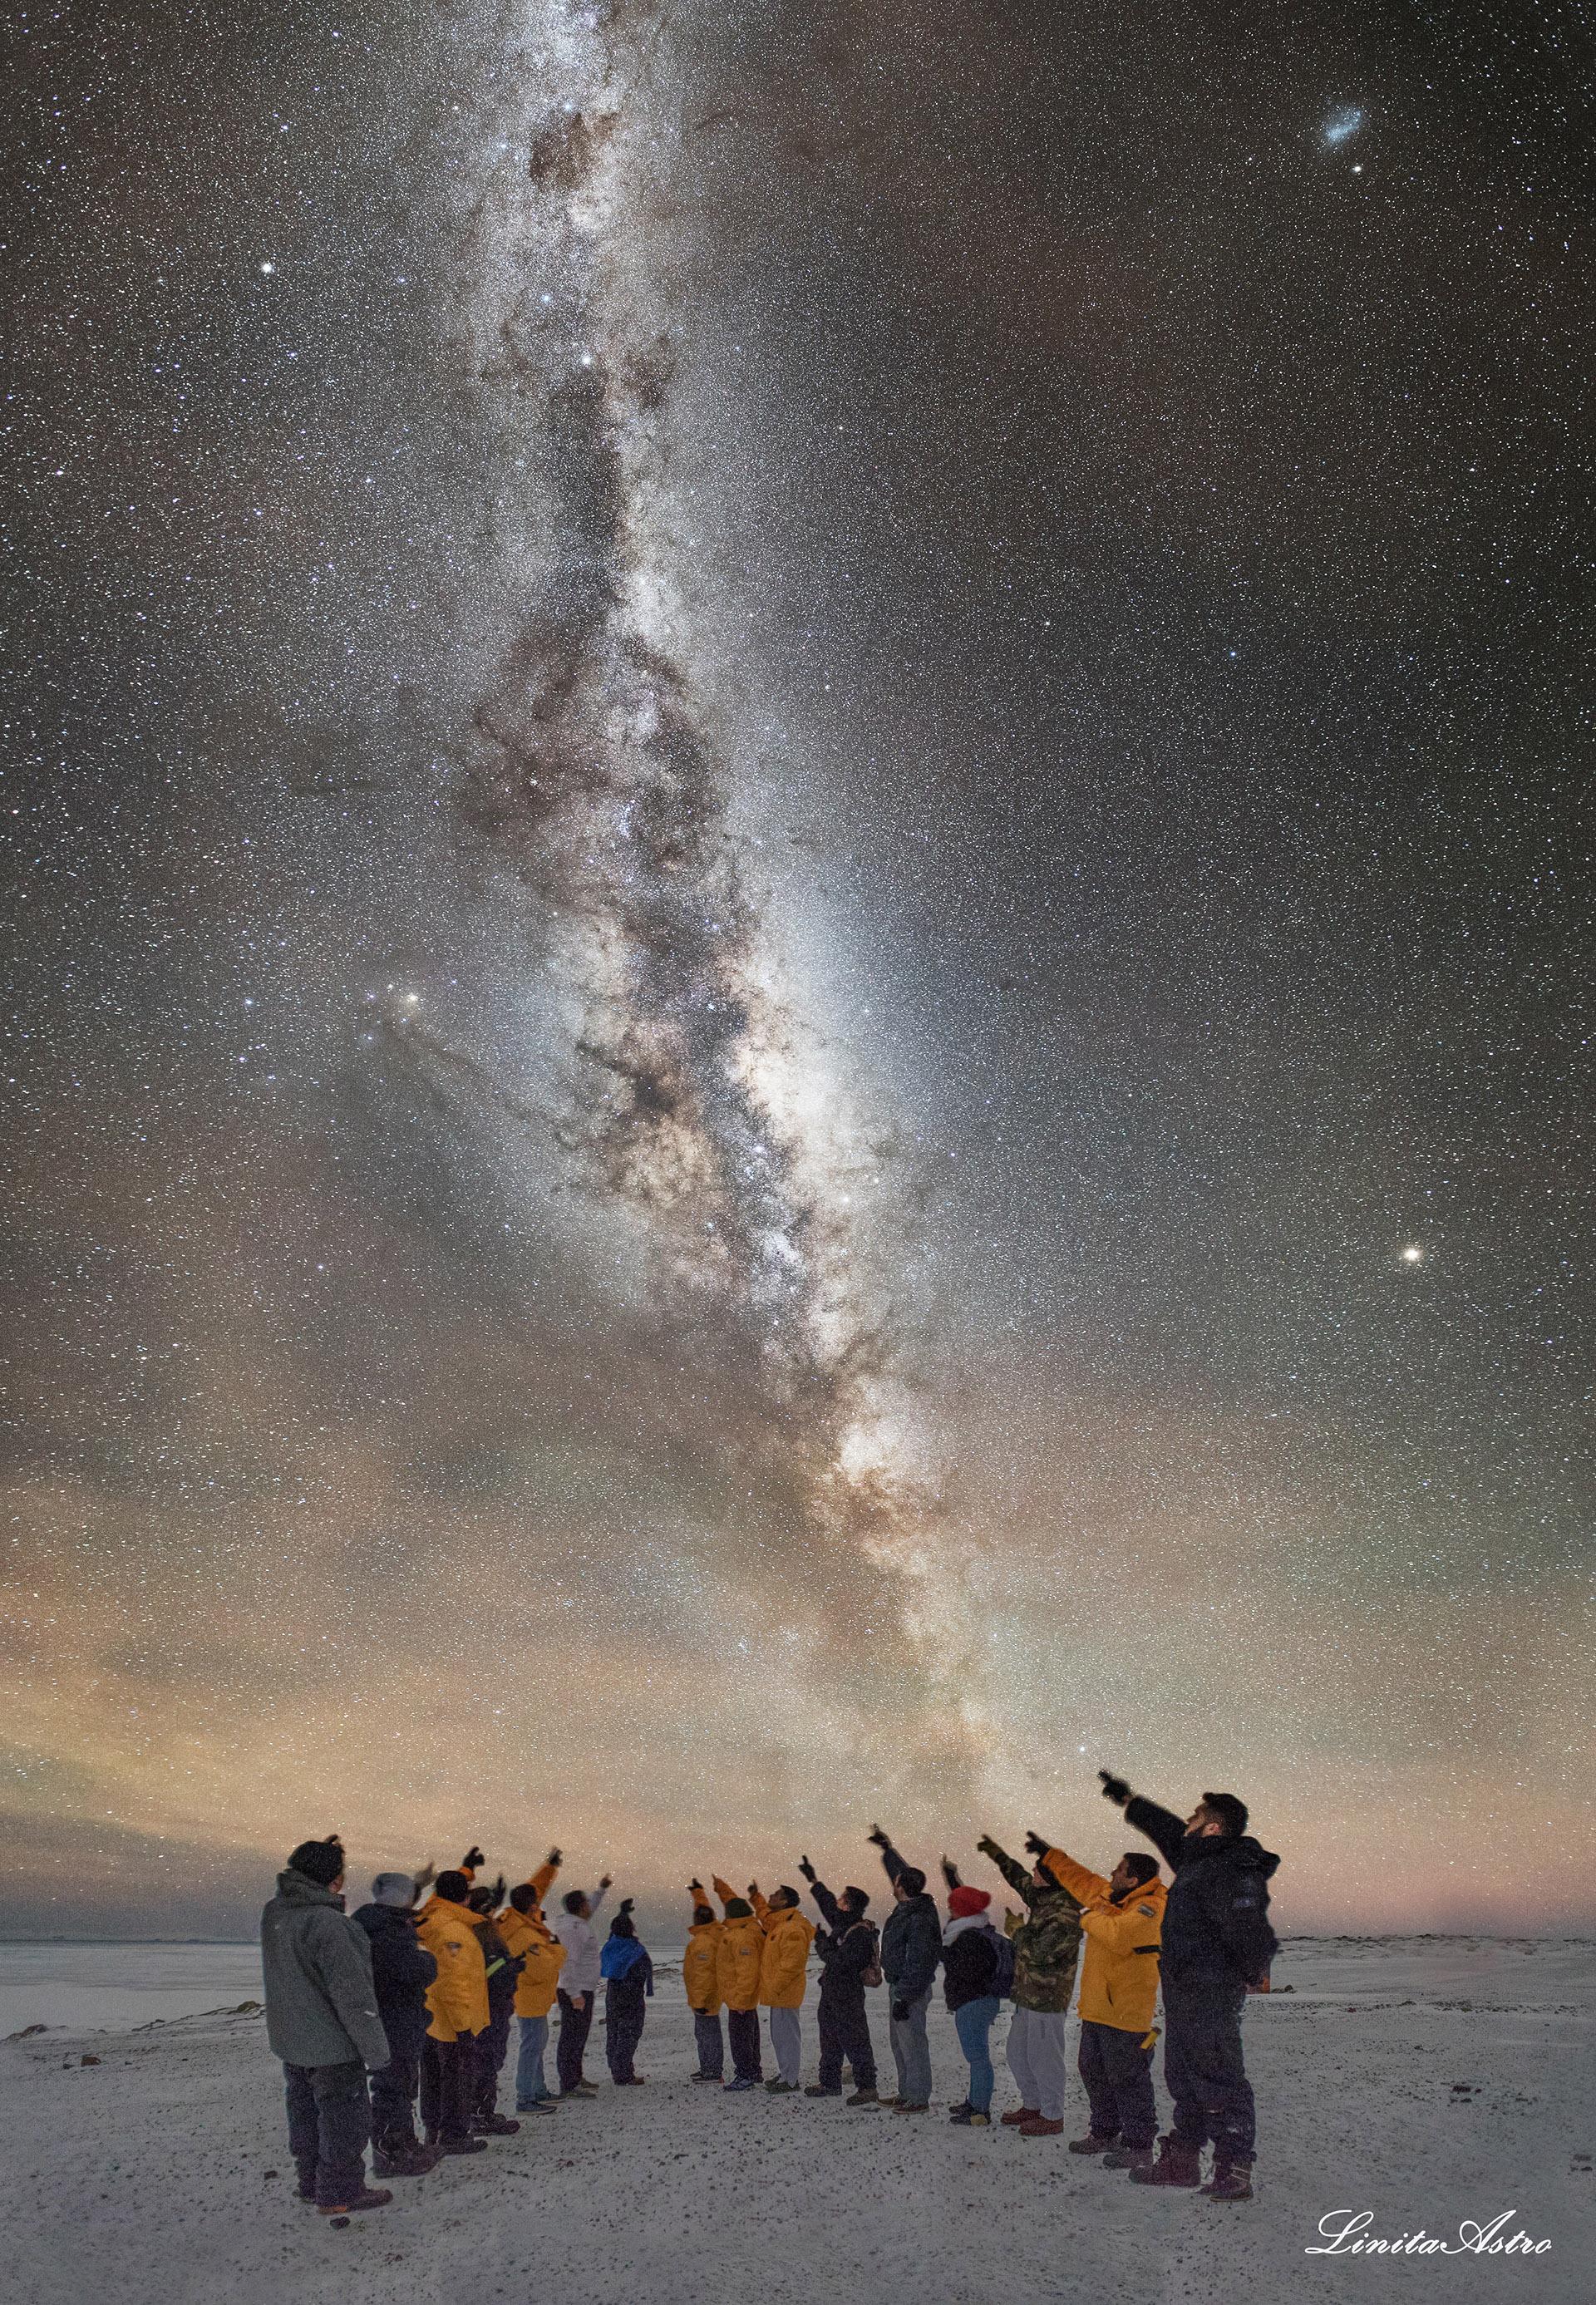 """""""No somos más que polvo de estrellas"""":se llama la foto. El nombrehace alusión a la frase del gran científico Carl Sagan, adorado por ella."""